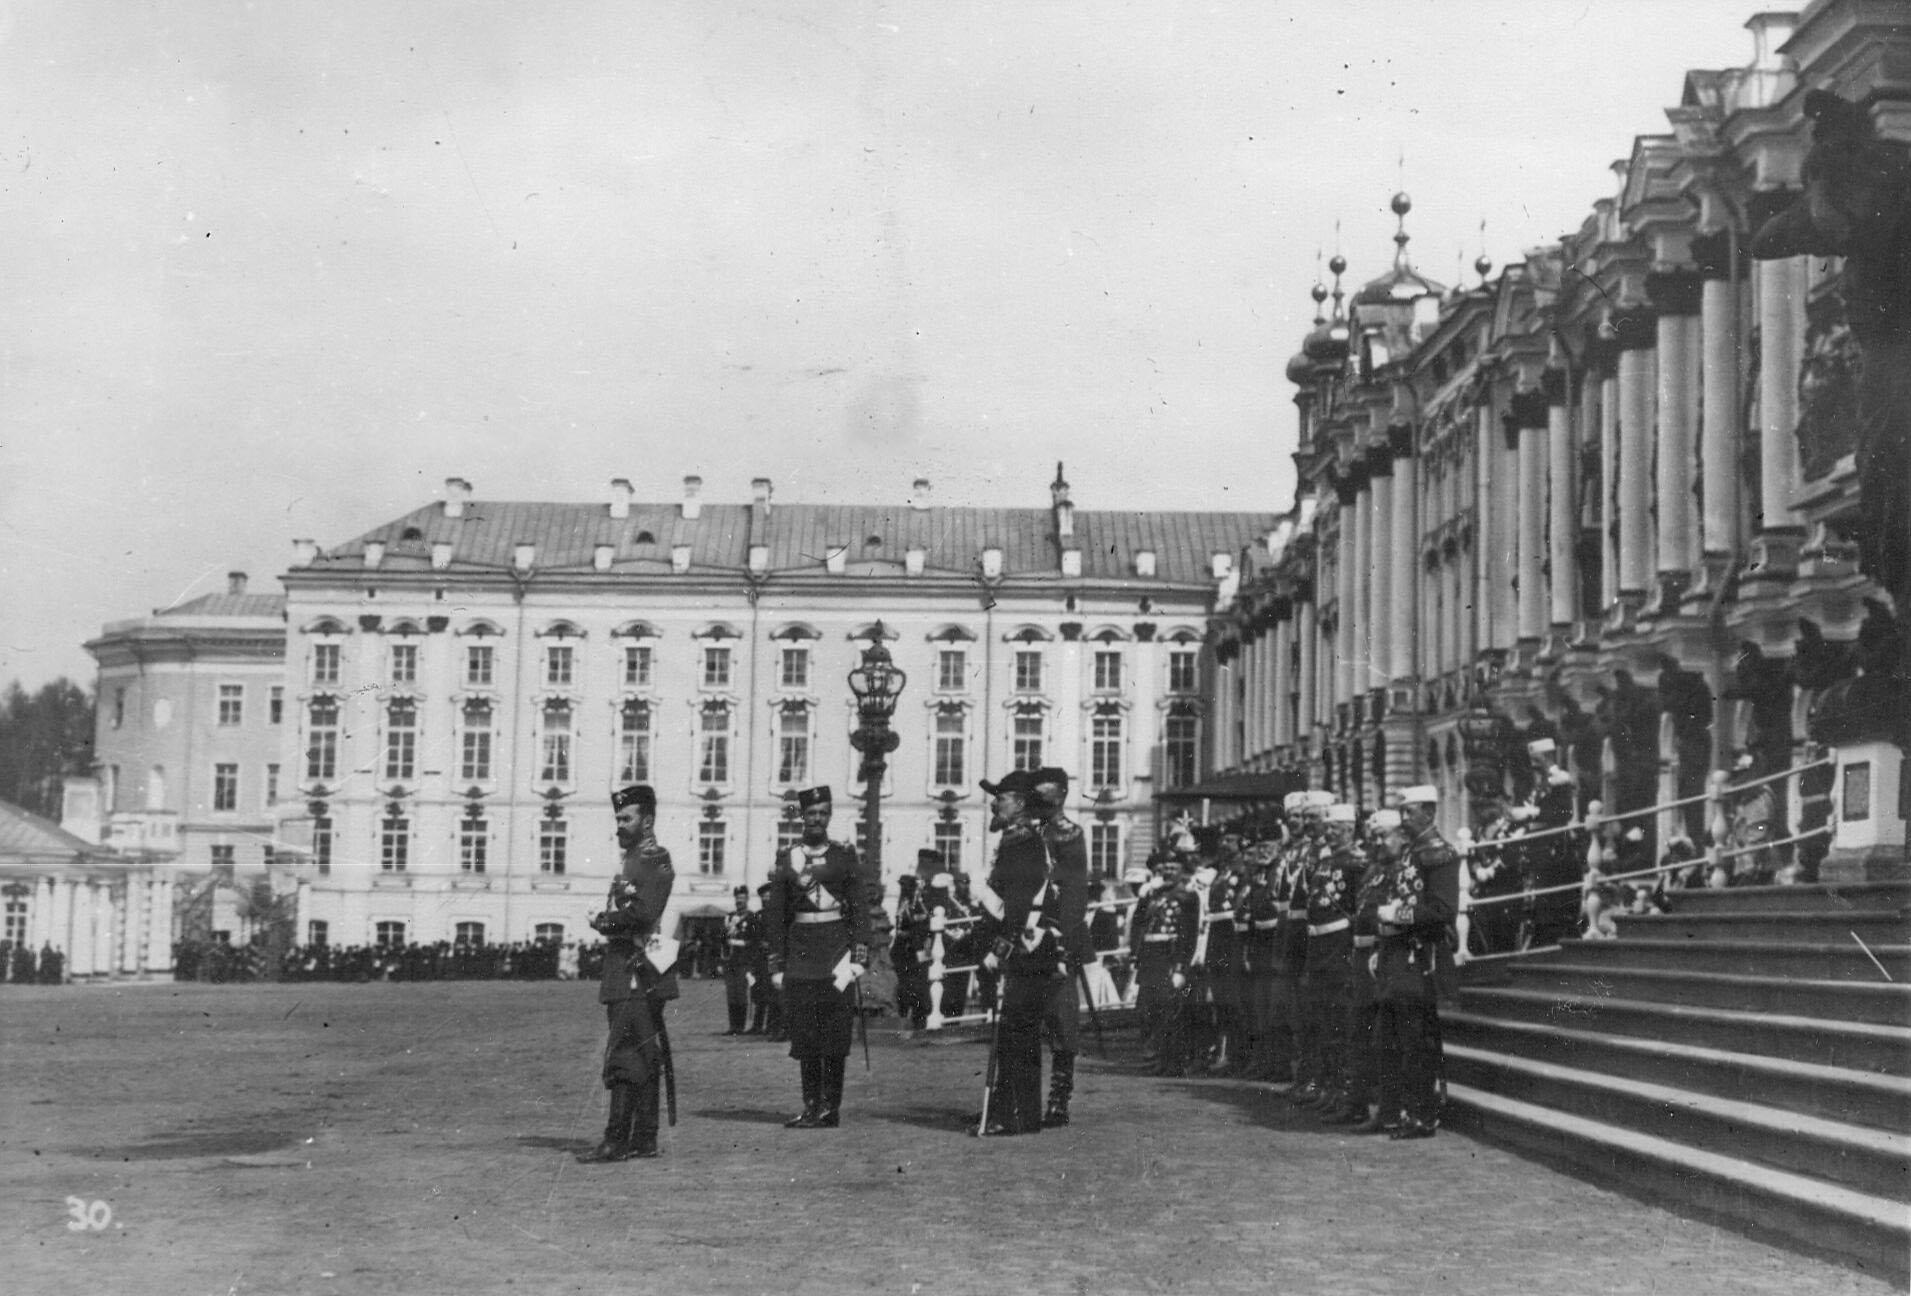 Император Николай II с группой офицеров-командиров лейб-гвардии стрелковой бригады у подъезда Екатерининского дворца наблюдает за прохождением войск во время парада